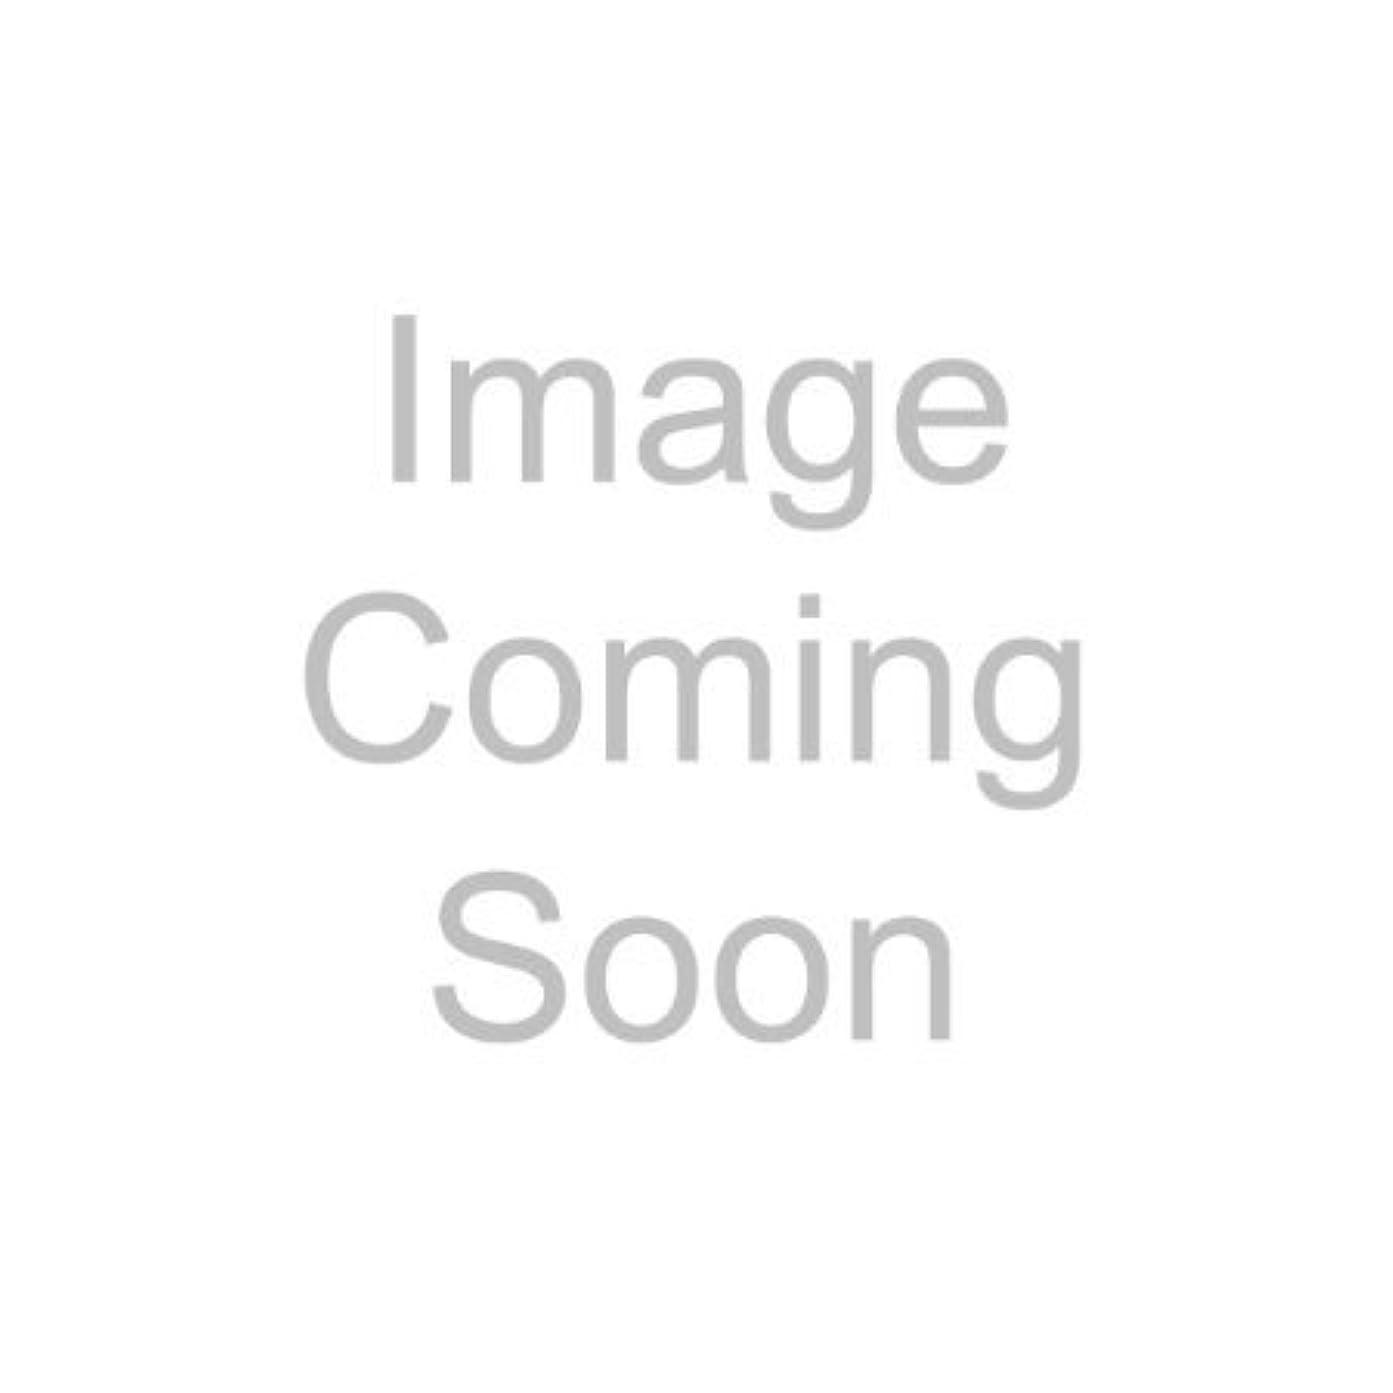 プロトタイプ恨み収束するエリザベスアーデン ビジブル ホワイトニング メラニン コントロール ナイトカプセル トラベルセット 17.2mlx3(37カプセルx3) [並行輸入品]